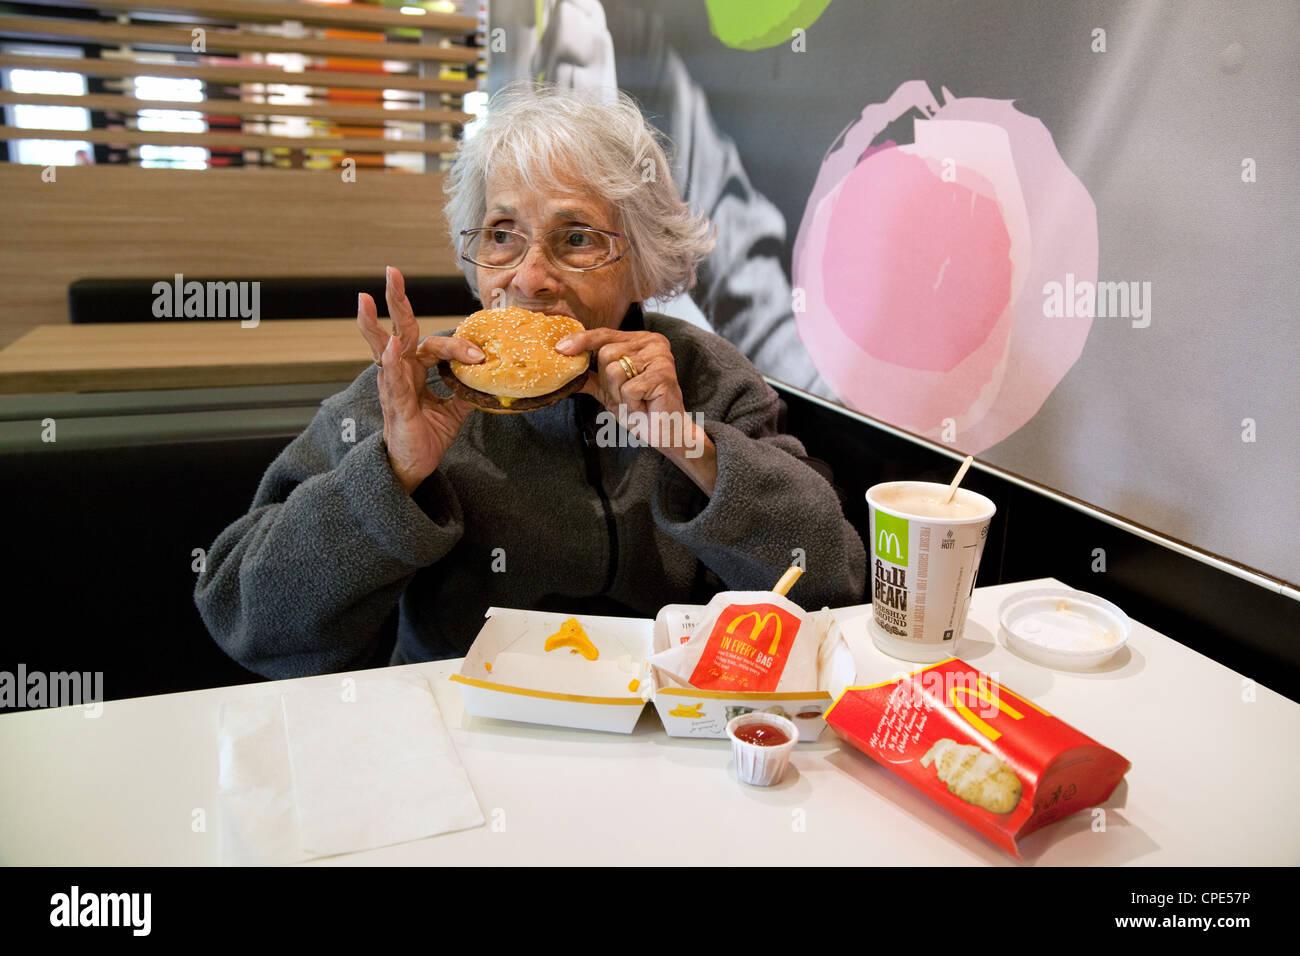 An elderly white haired lady enjoying eating a McDonalds burger, UK - Stock Image